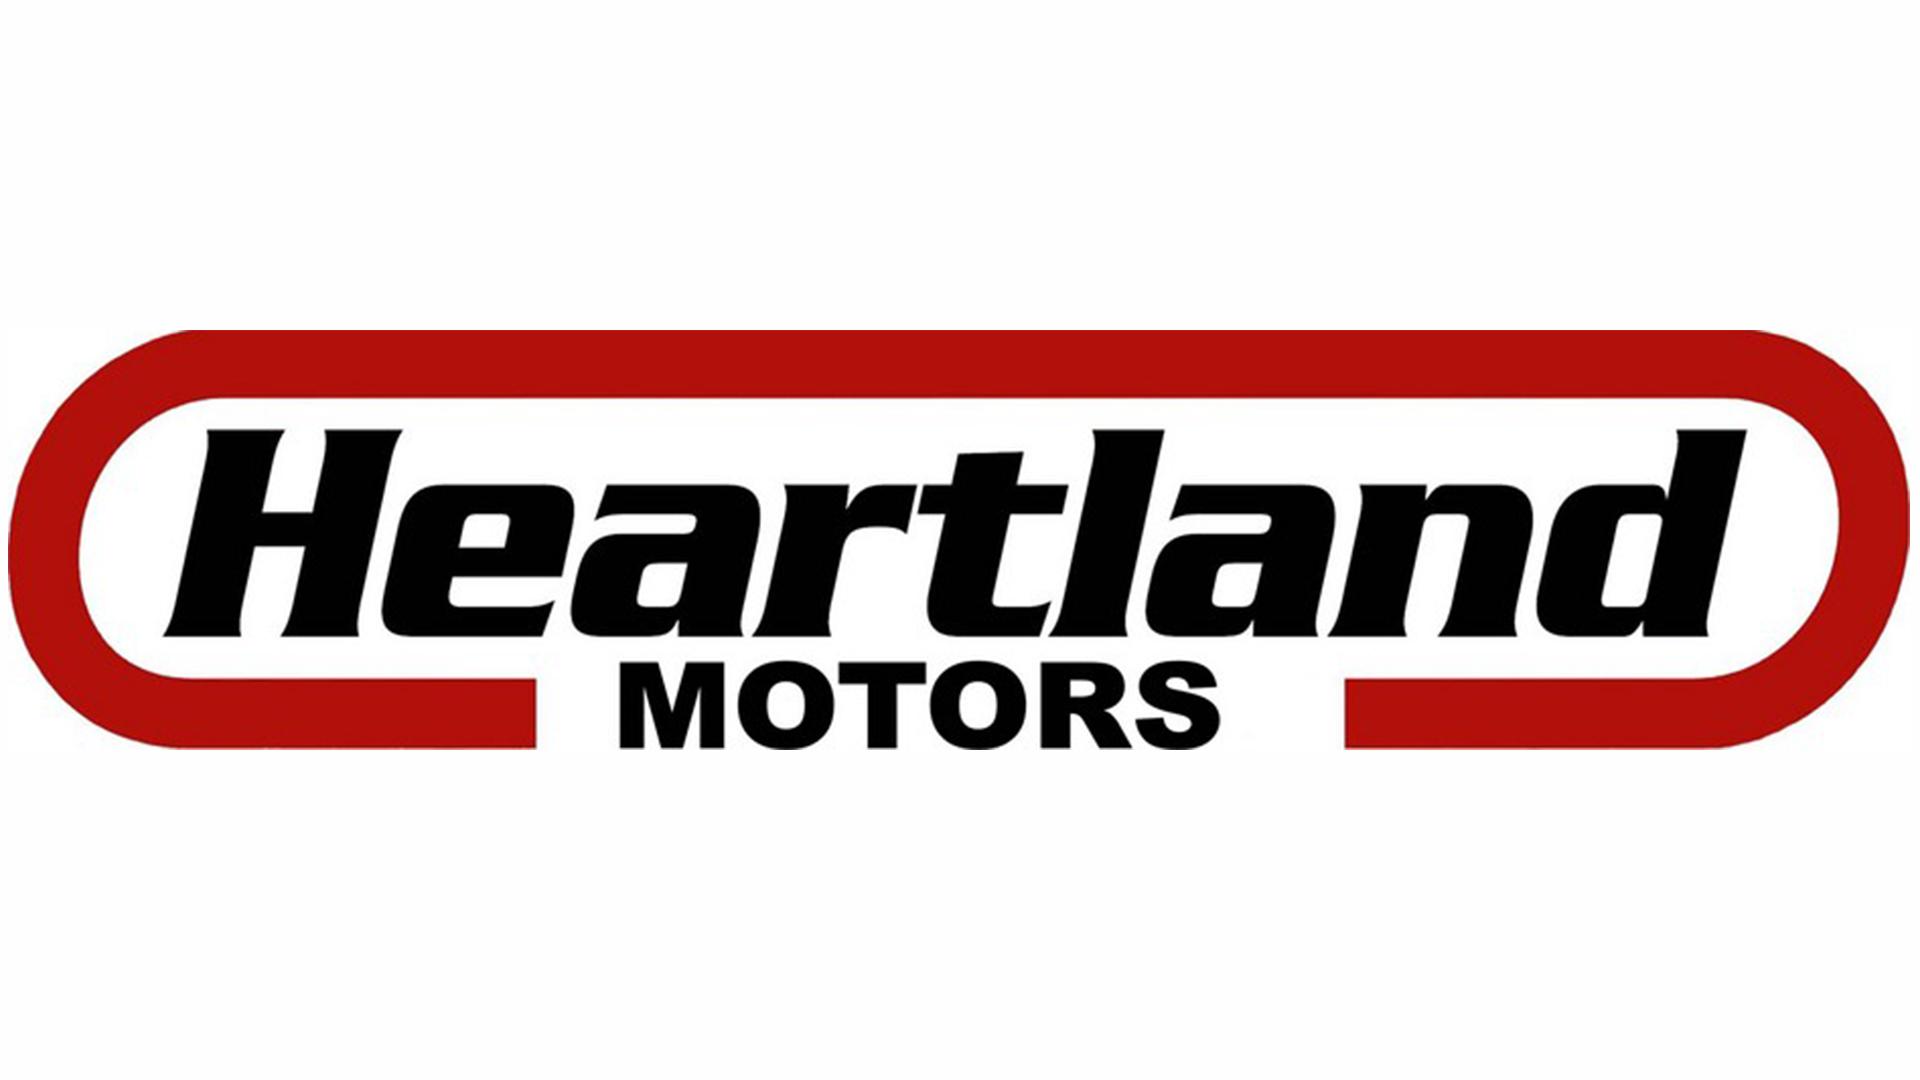 Heartland Motors logo